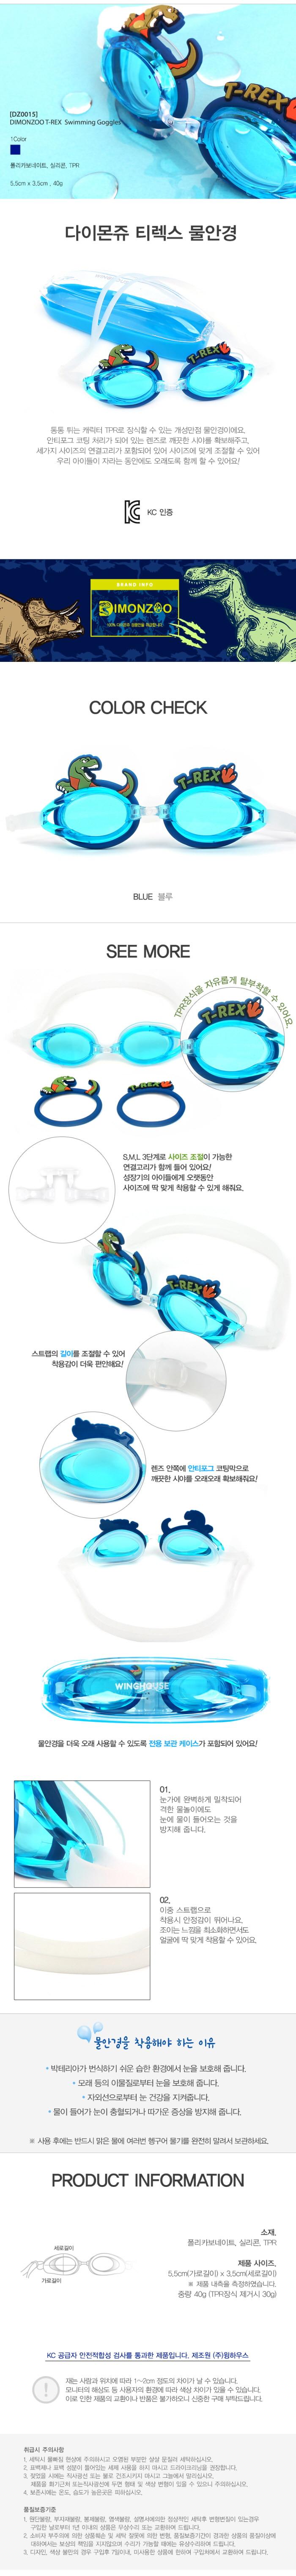 다이몬쥬 티렉스 물안경 아동수경 - 키티야, 12,300원, 보트/풀장/물놀이용품, 기타 놀이용품